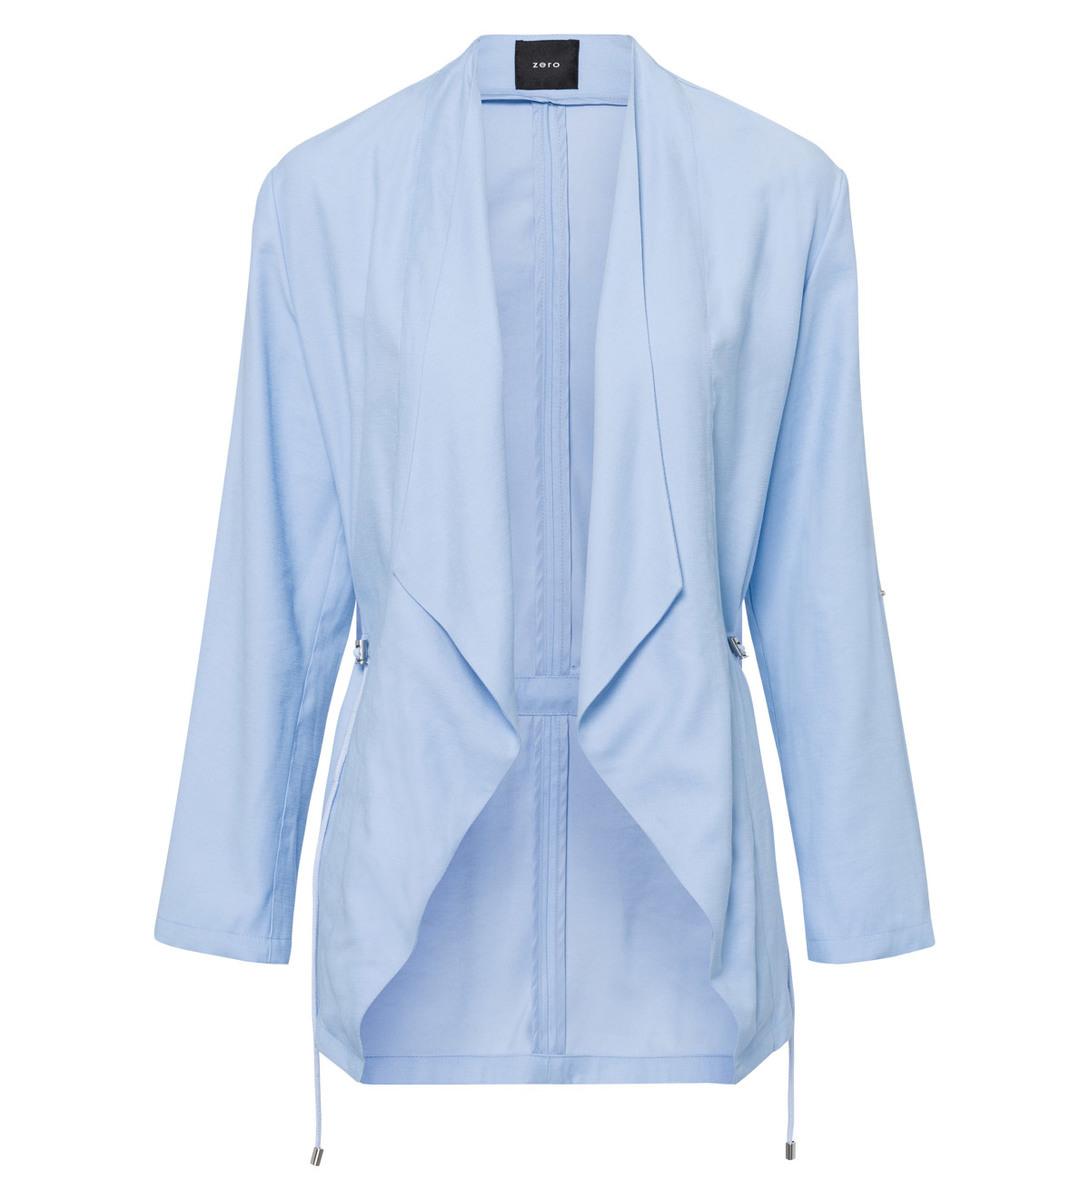 Jacke im knopflosen Design in horizon blue